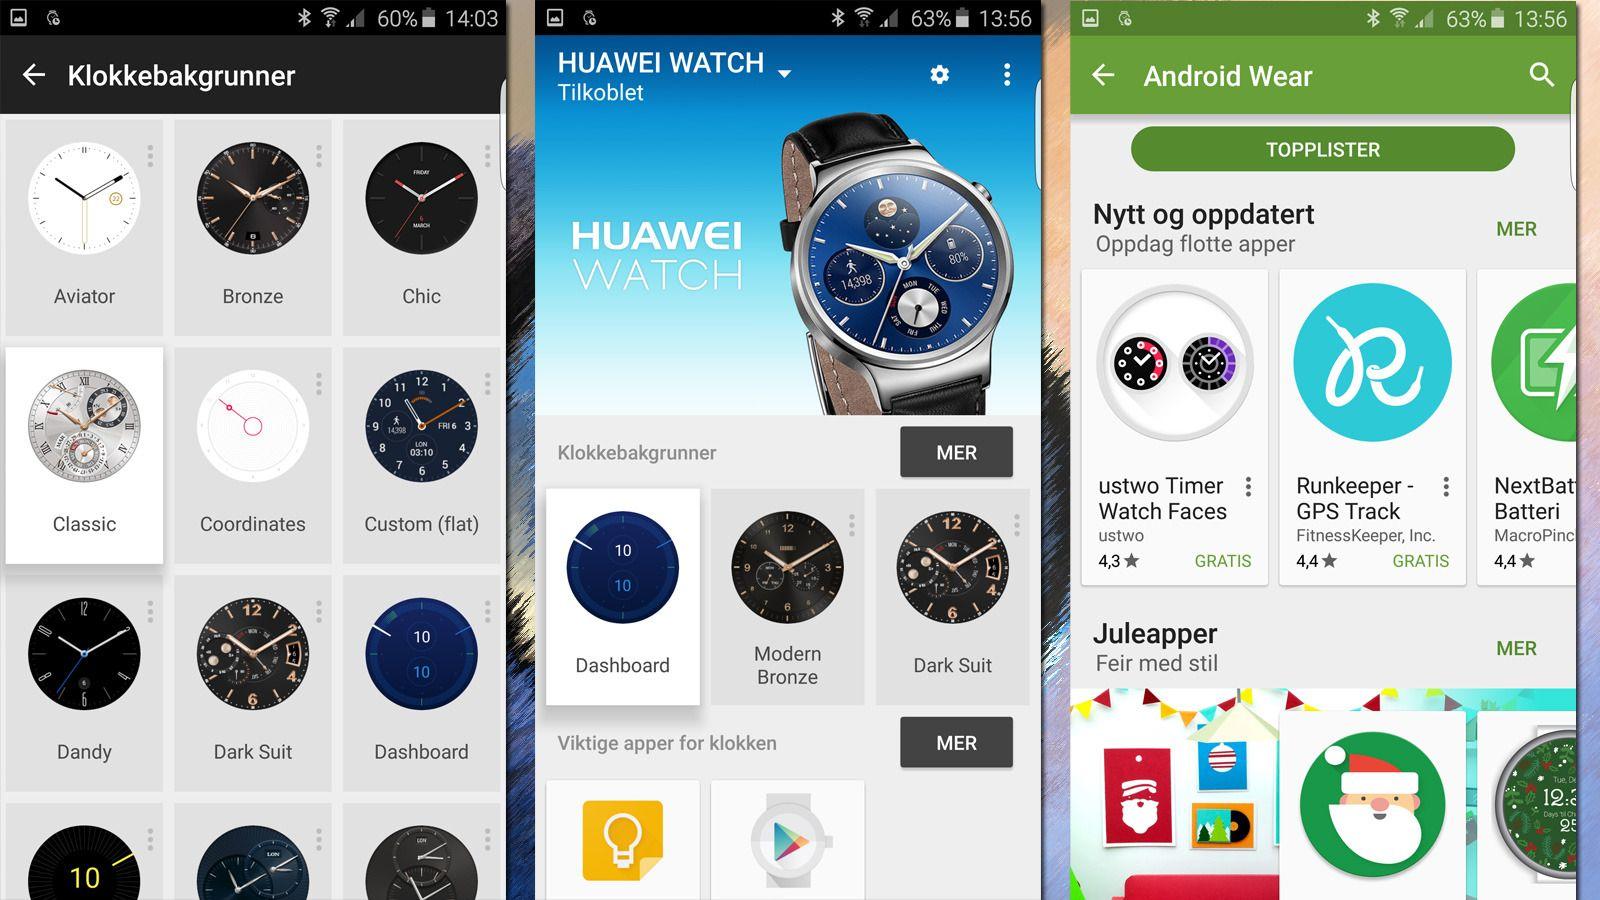 Mange av innstillingene gjør du enklest fra Android Wear-appen på telefonen. Her bestemmer du også hvilke apper du vil ha. Musikk overfører du fra Google Musikk. . Foto: Espen Irwing Swang, Tek.no